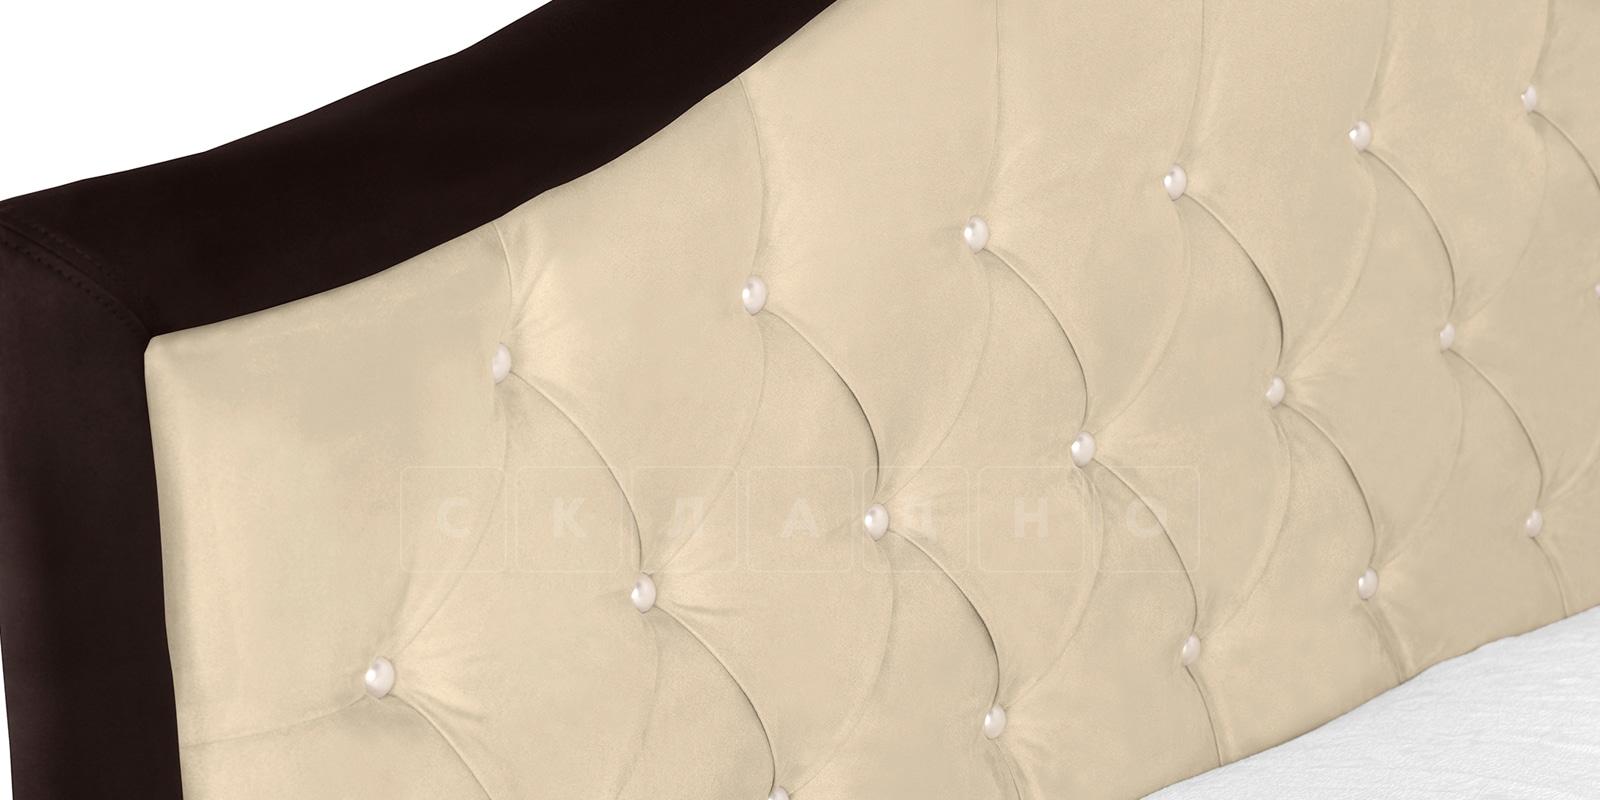 Мягкая кровать Малибу 160см экокожа бежевый-шоколад вариант 9-2 фото 5 | интернет-магазин Складно